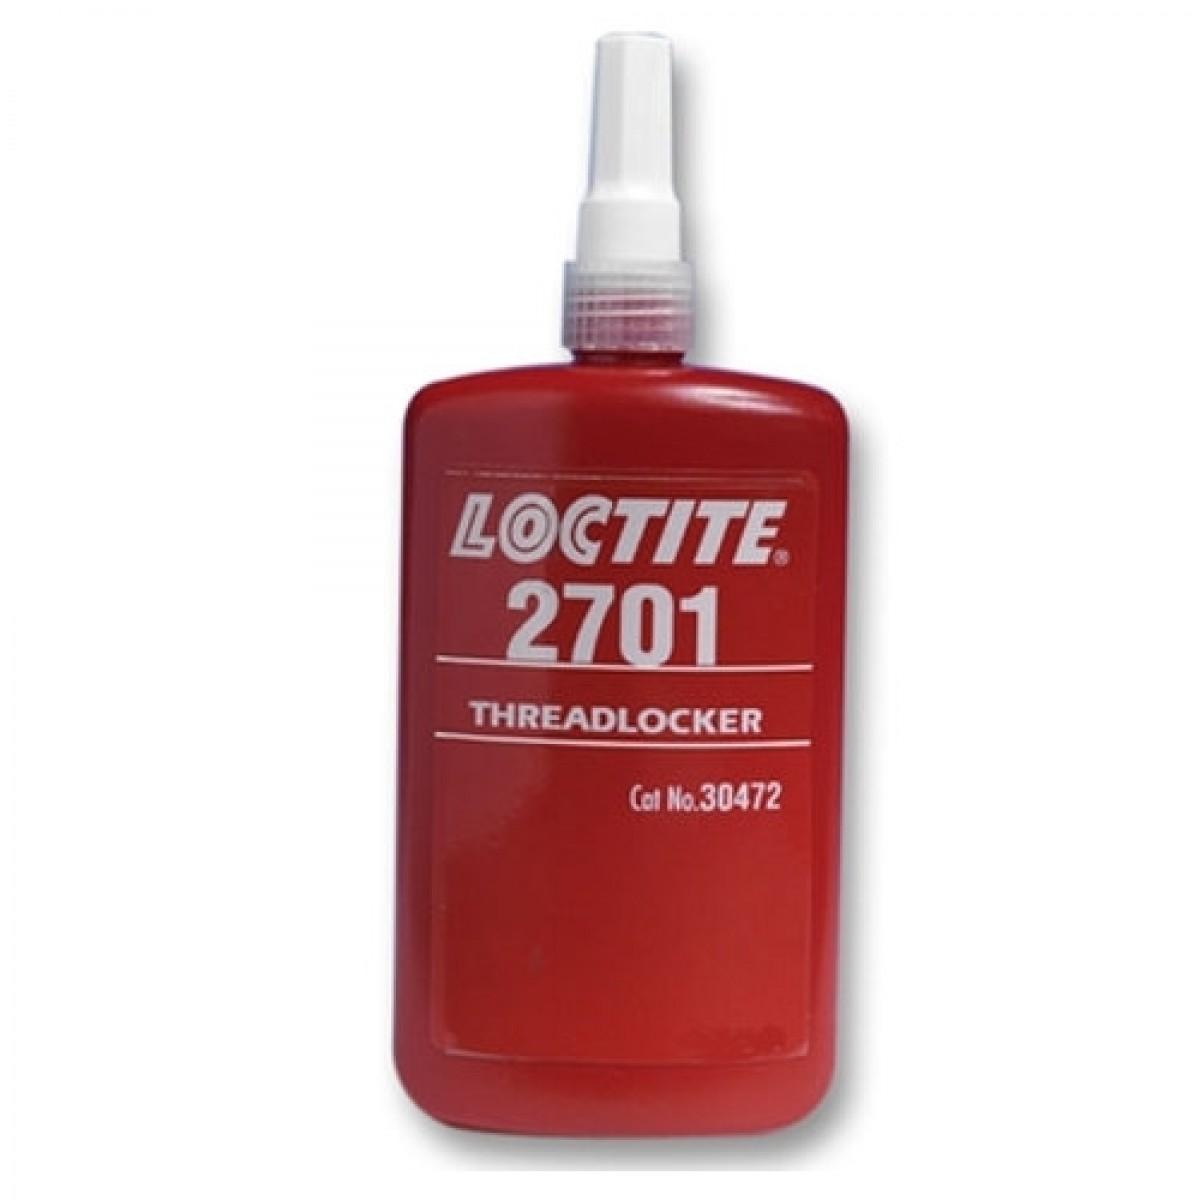 Loctite 2701 gevindsikring-31